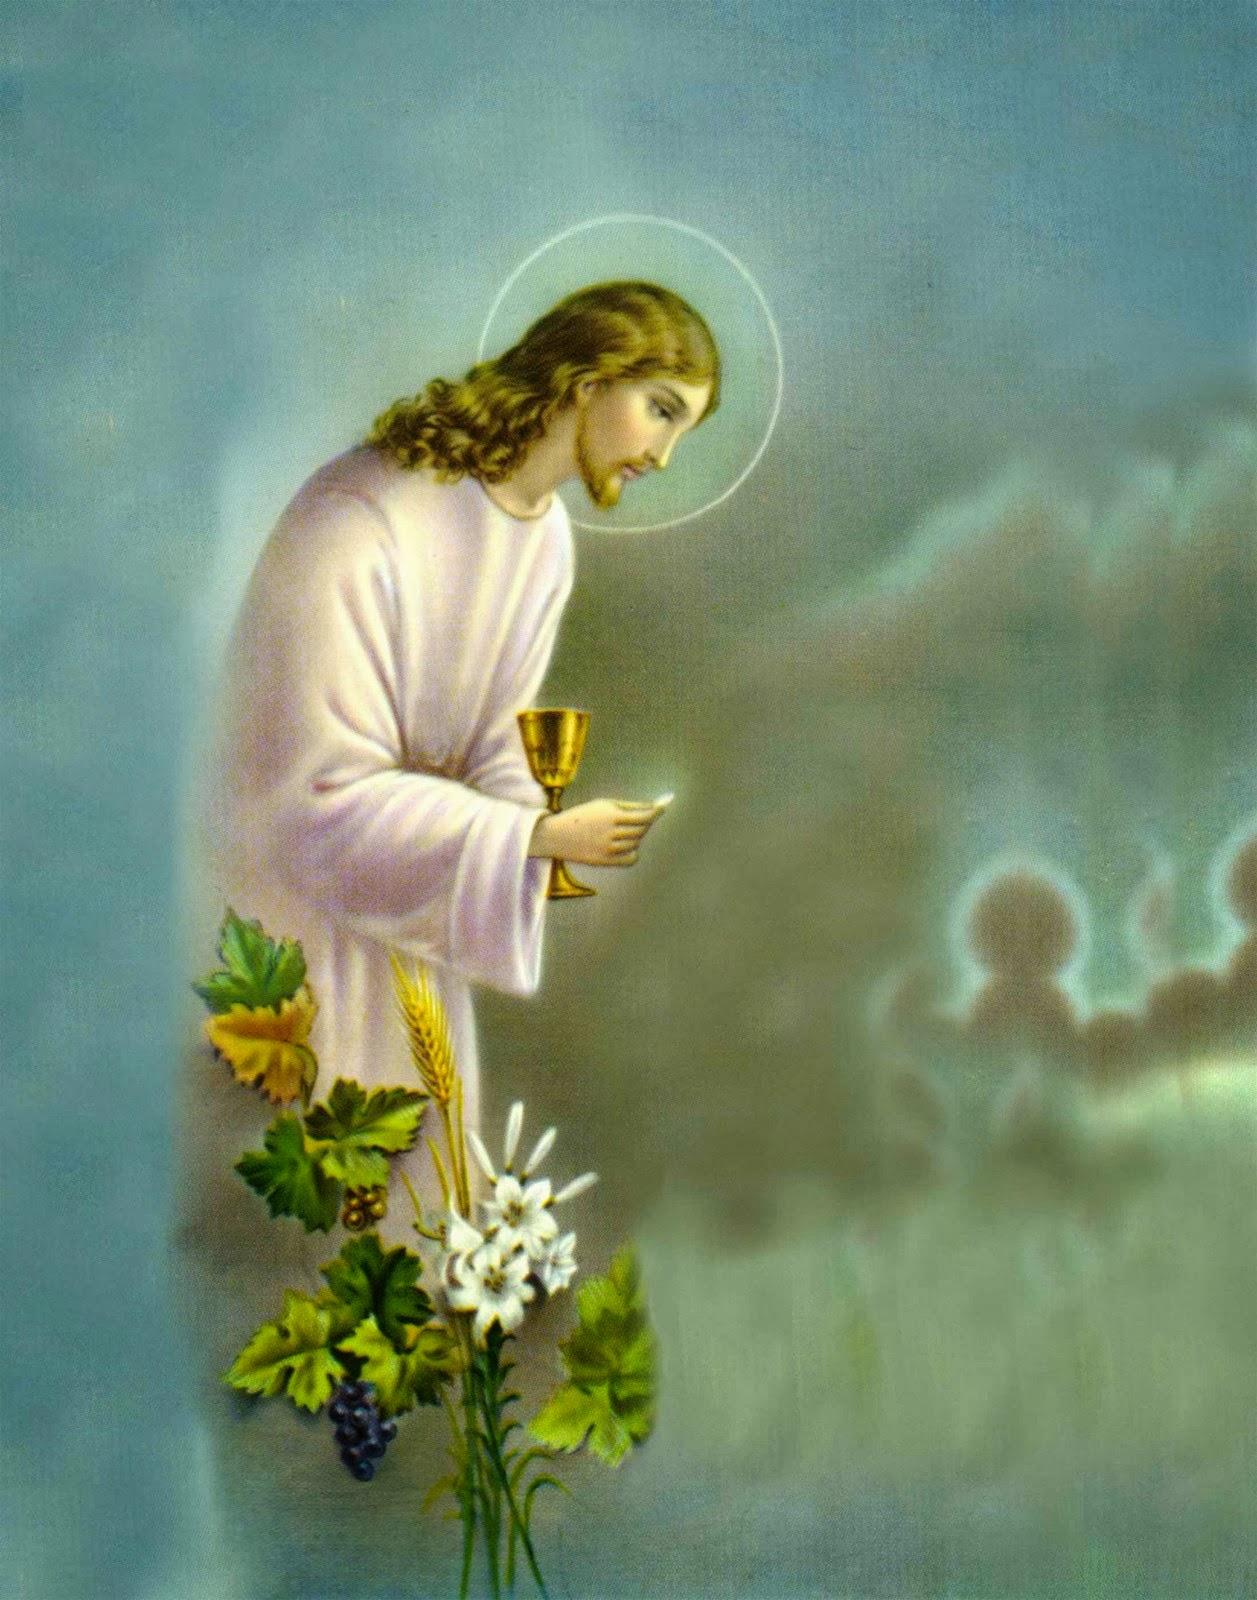 Bajar Fondos De Pantallas E Imagenes Fondo De Pantalla Semana Santa Jesus Y Vino